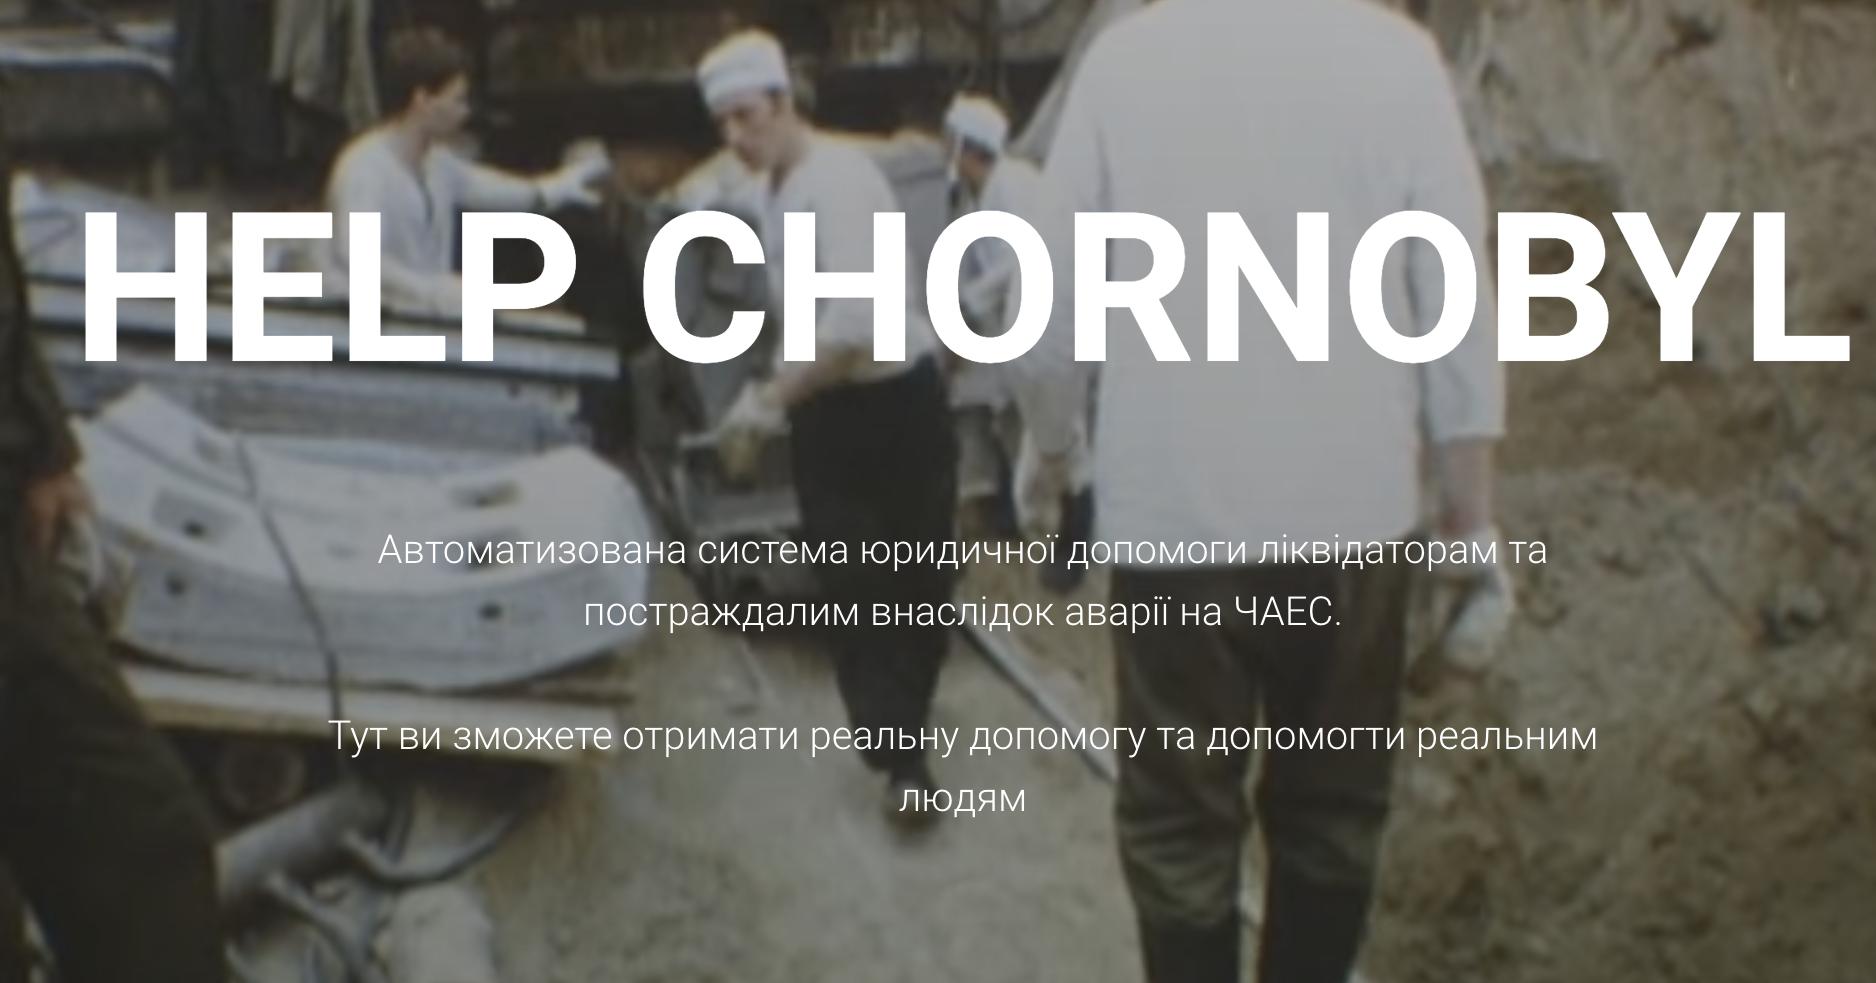 IT-стартап с социальной миссией: проект HELP Chornoby будет предоставлять бесплатную юридическую помощь ликвидаторам - фото №2